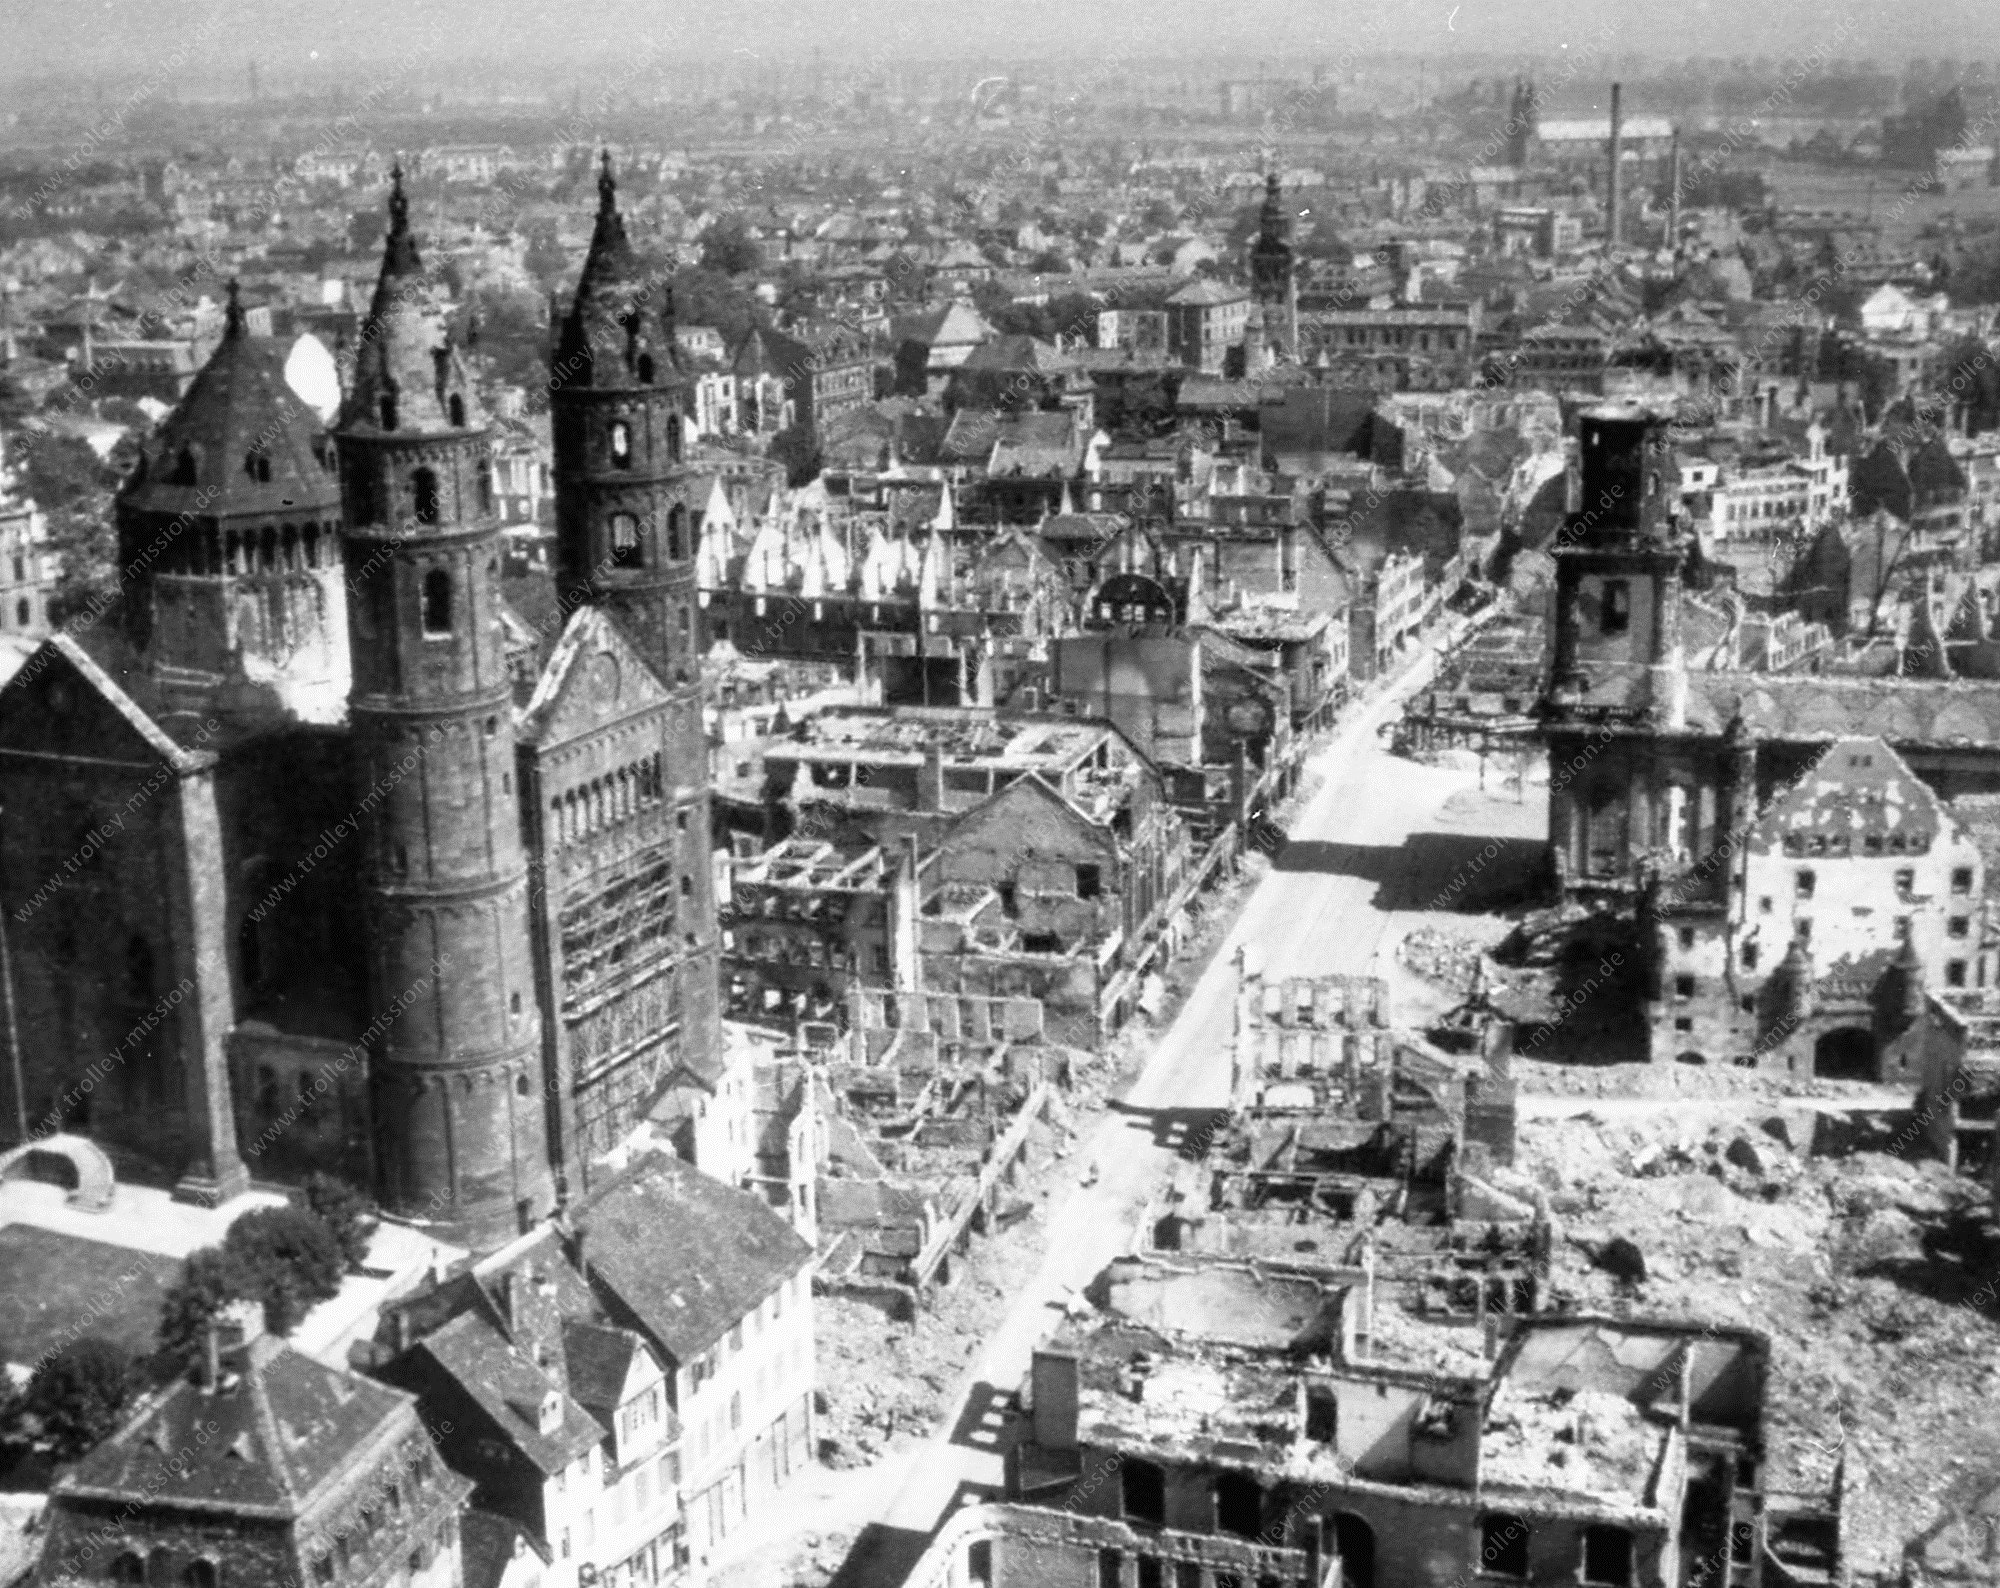 Luftbild des Dom St. Peter in Worms nach dem Zweiten Weltkrieg